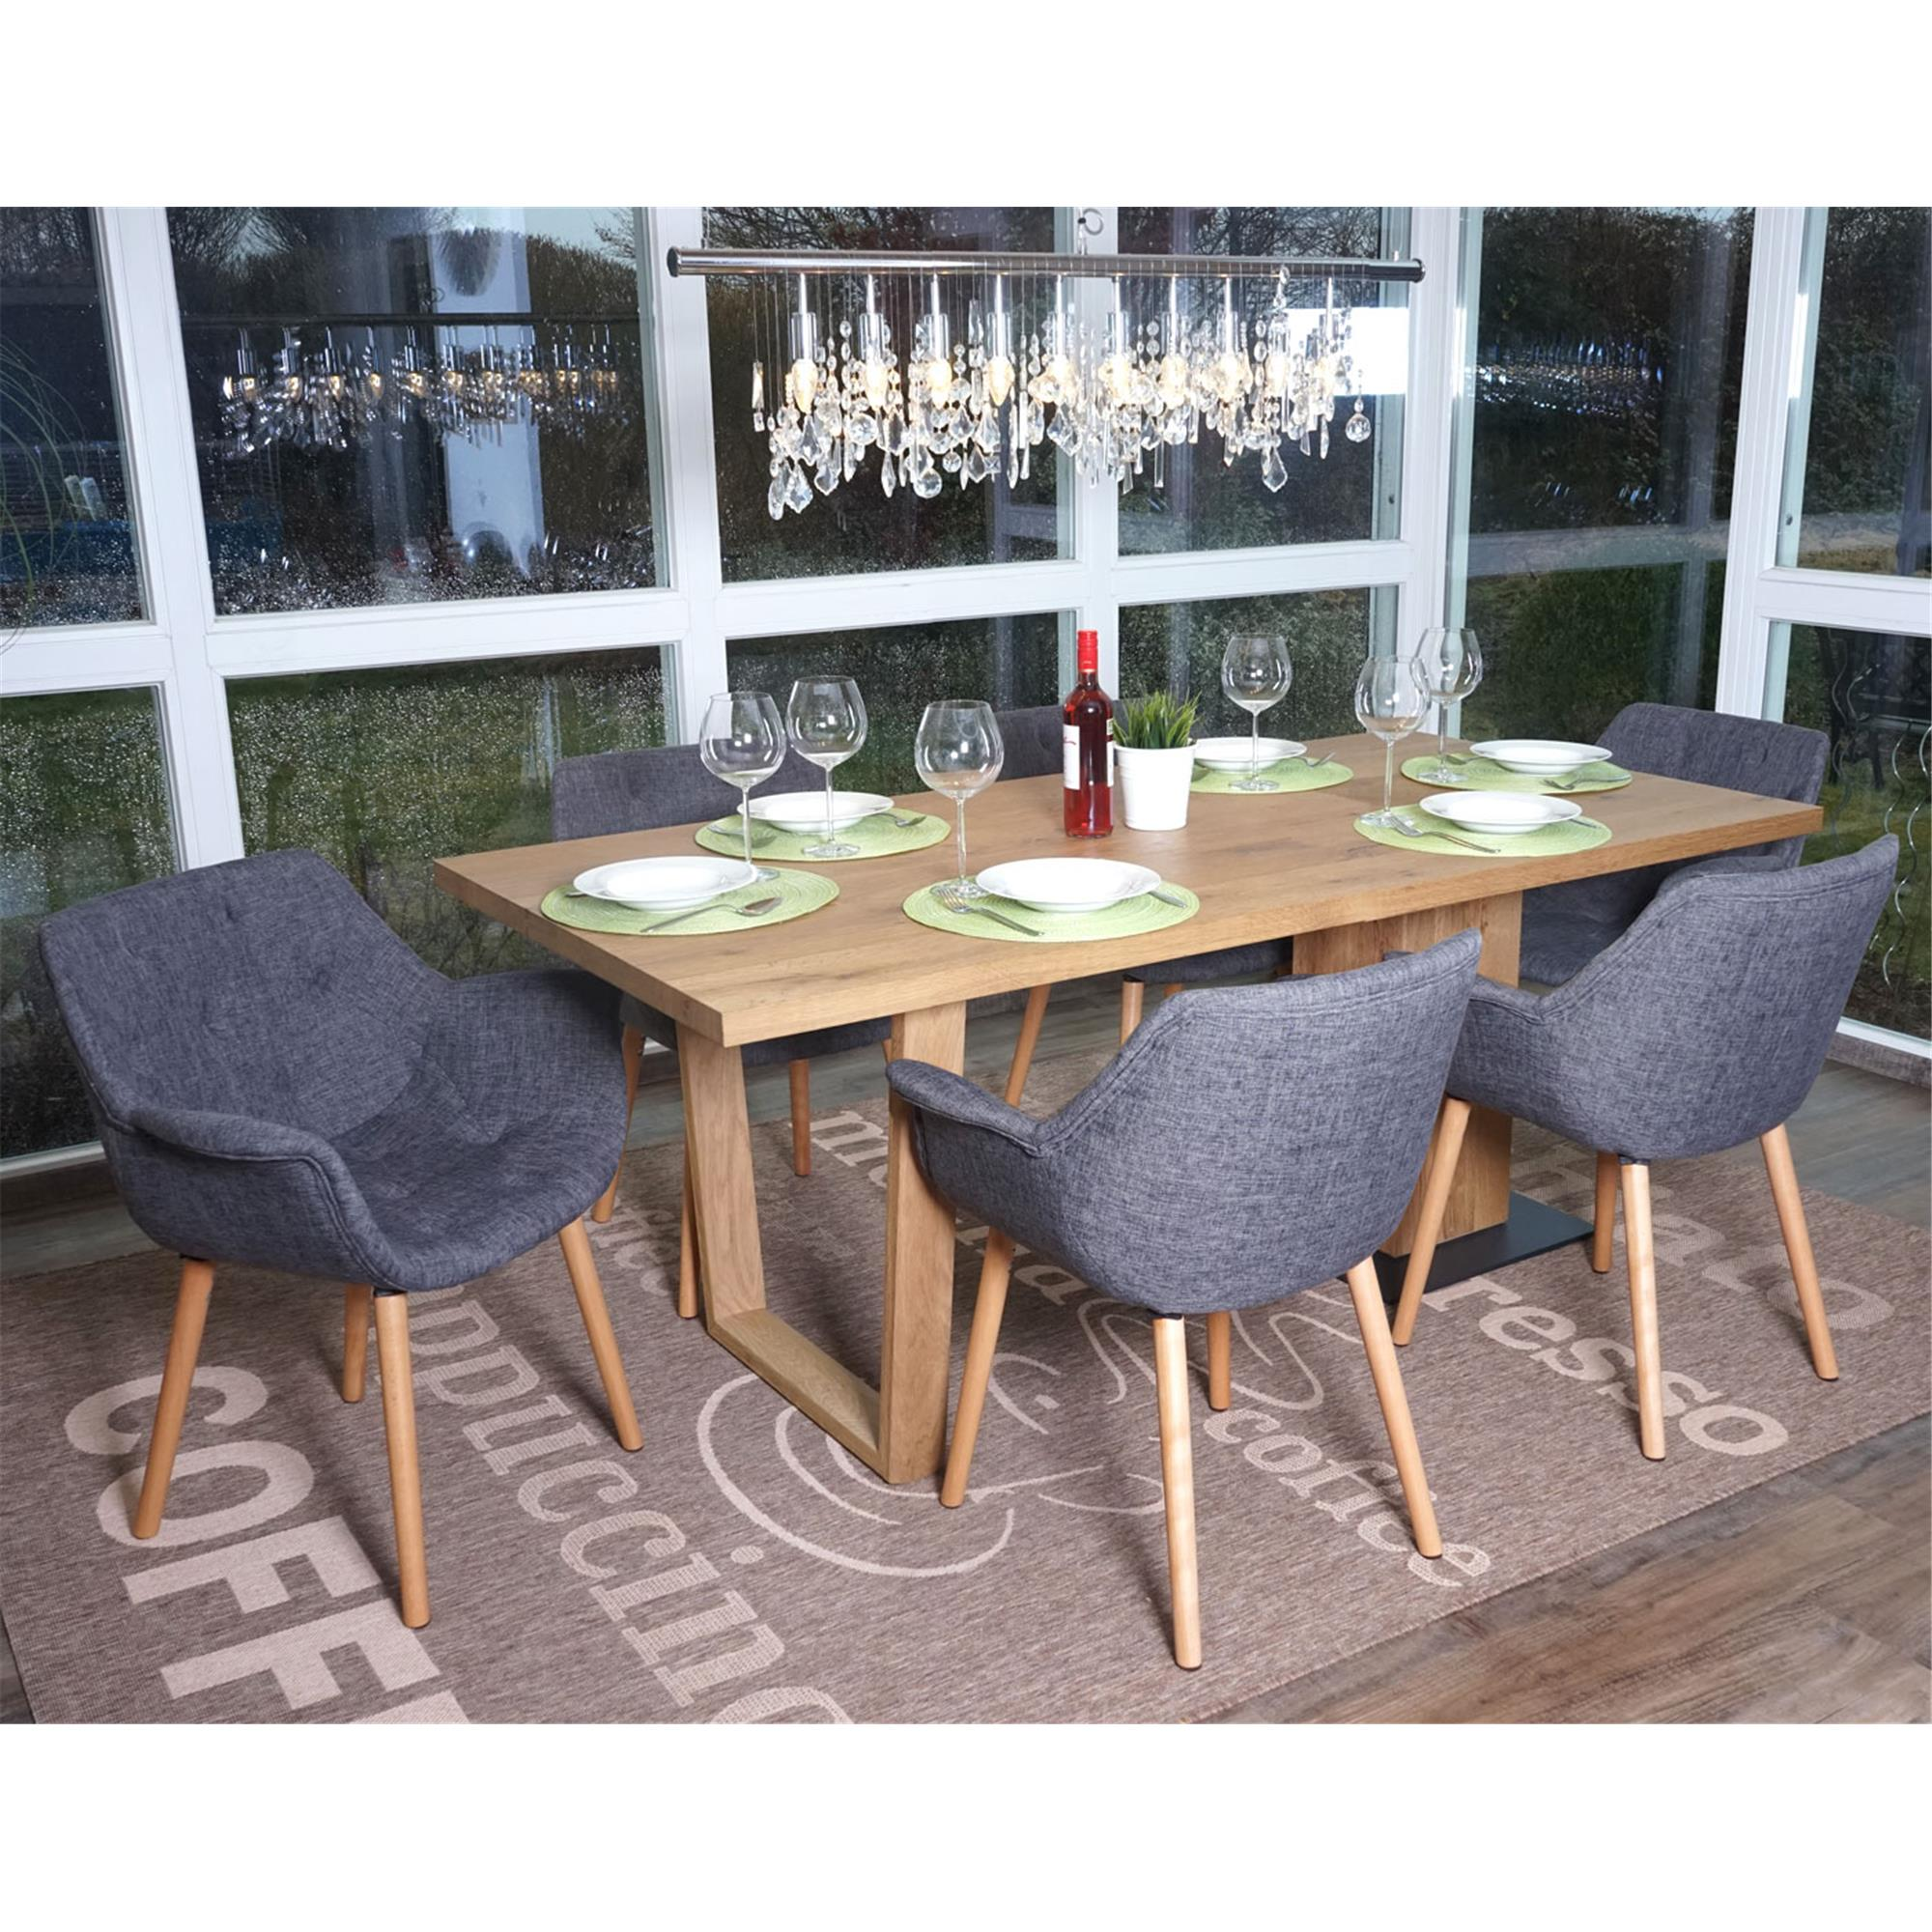 Lote 2 sillas de comedor alber tela estilo retro en gris for Sillas en gris